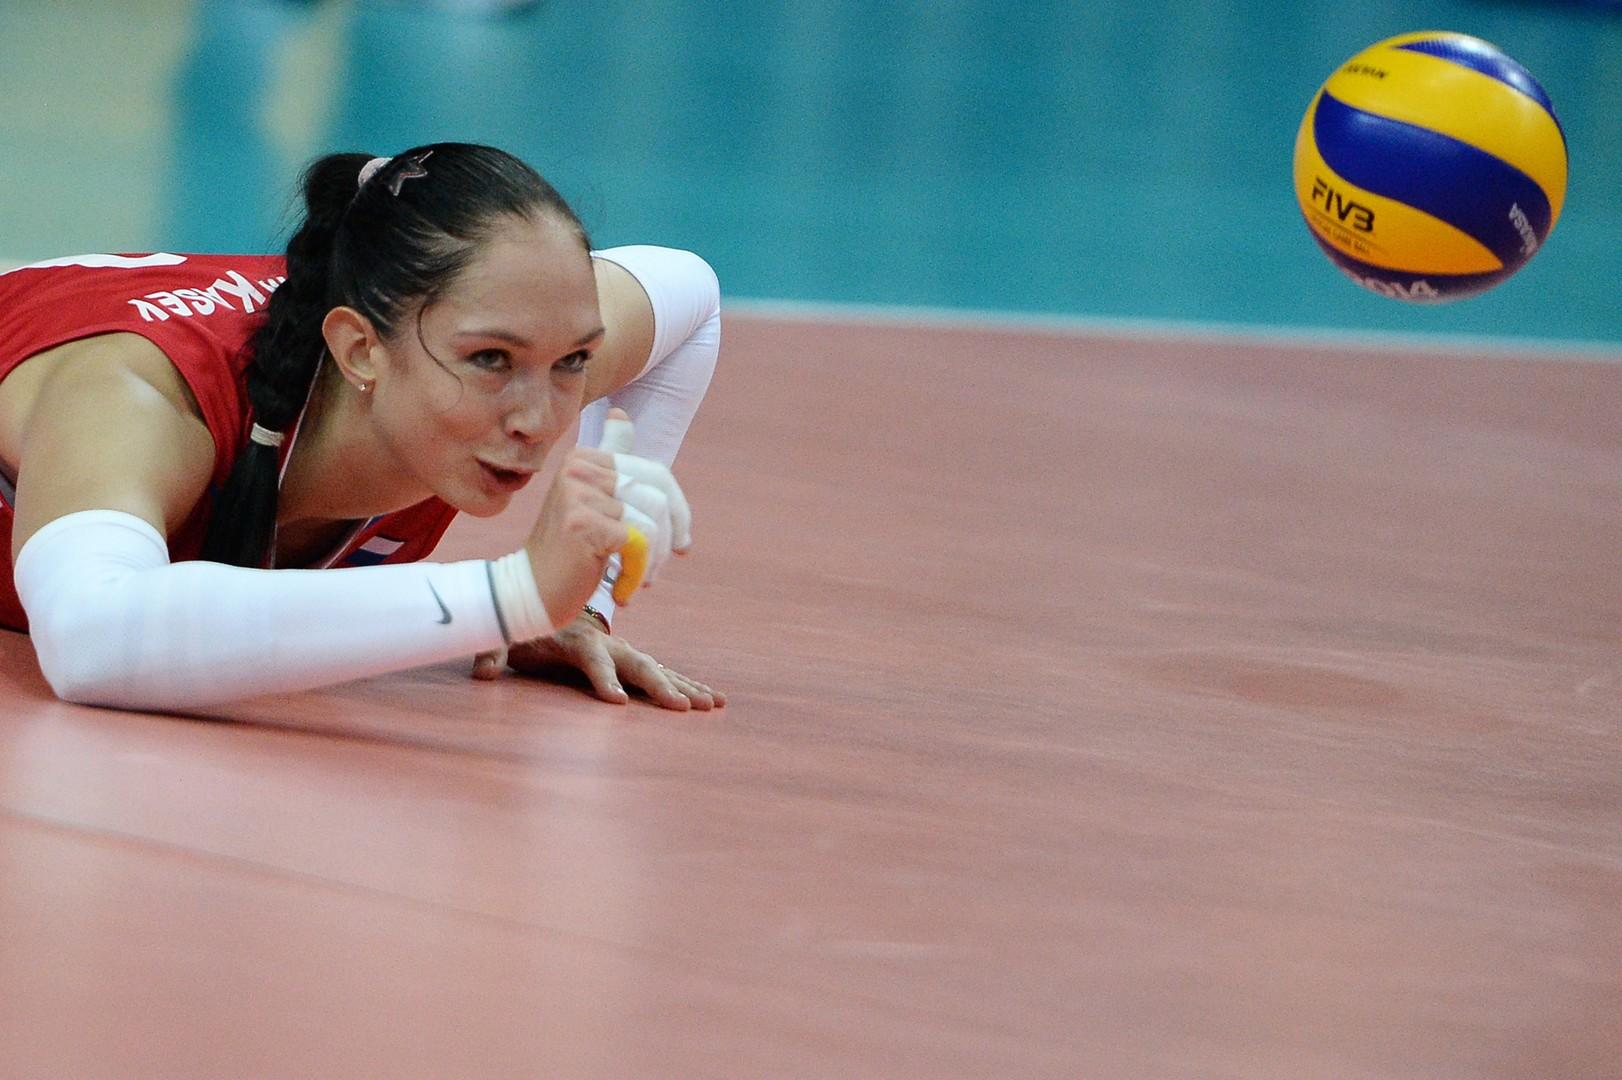 Игрок сборной России Екатерина Гамова-Мукасей в матче чемпионата мира по волейболу между командами Бразилии и России в Вероне.